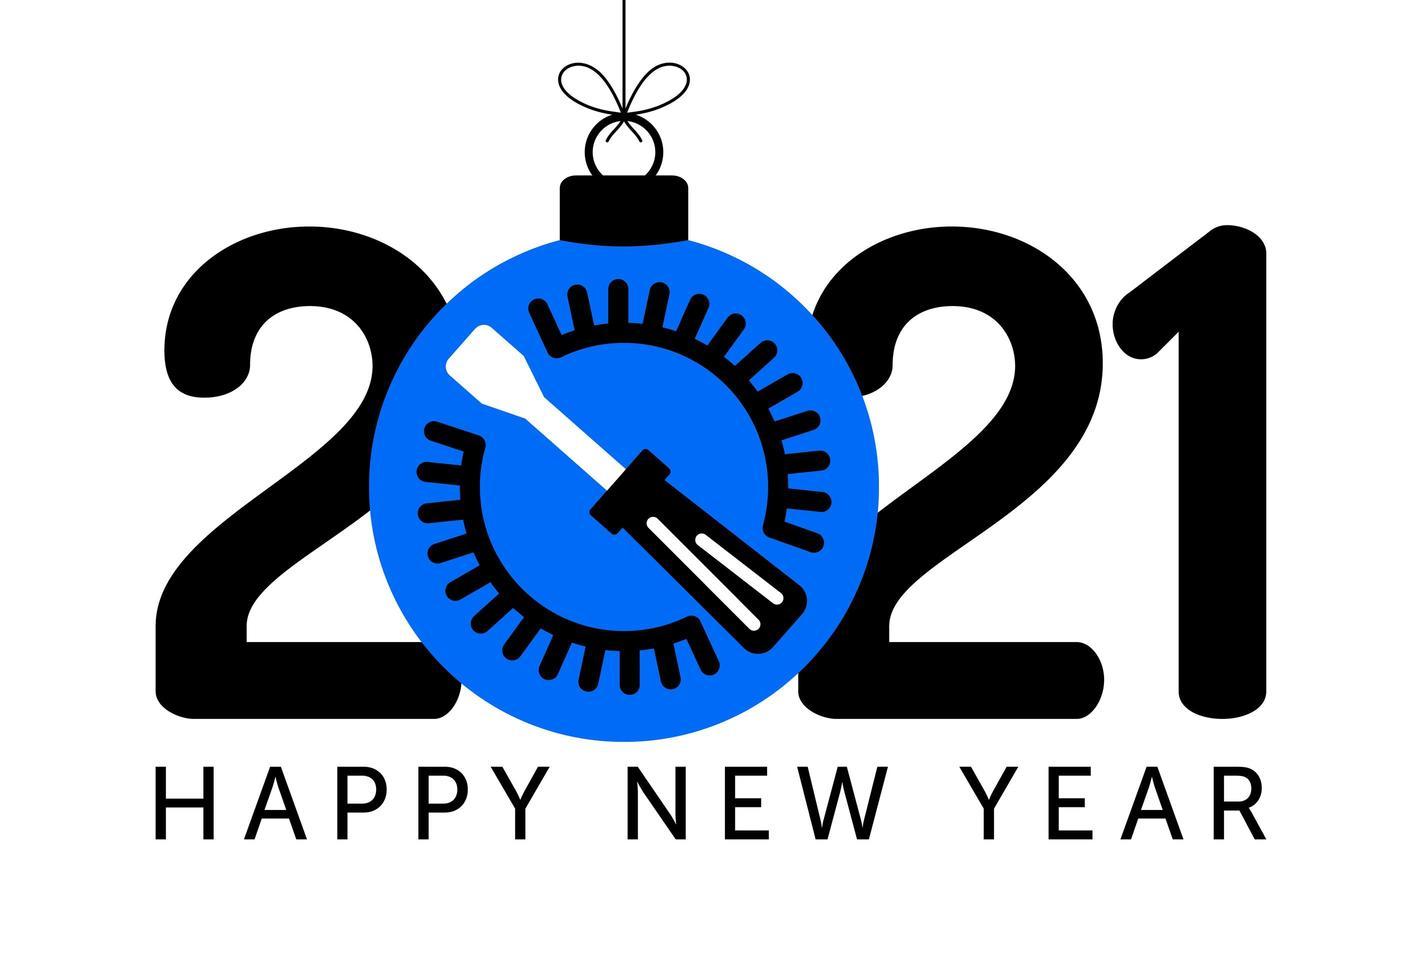 Voeux de nouvel an 2021 avec ornement de tournevis vecteur